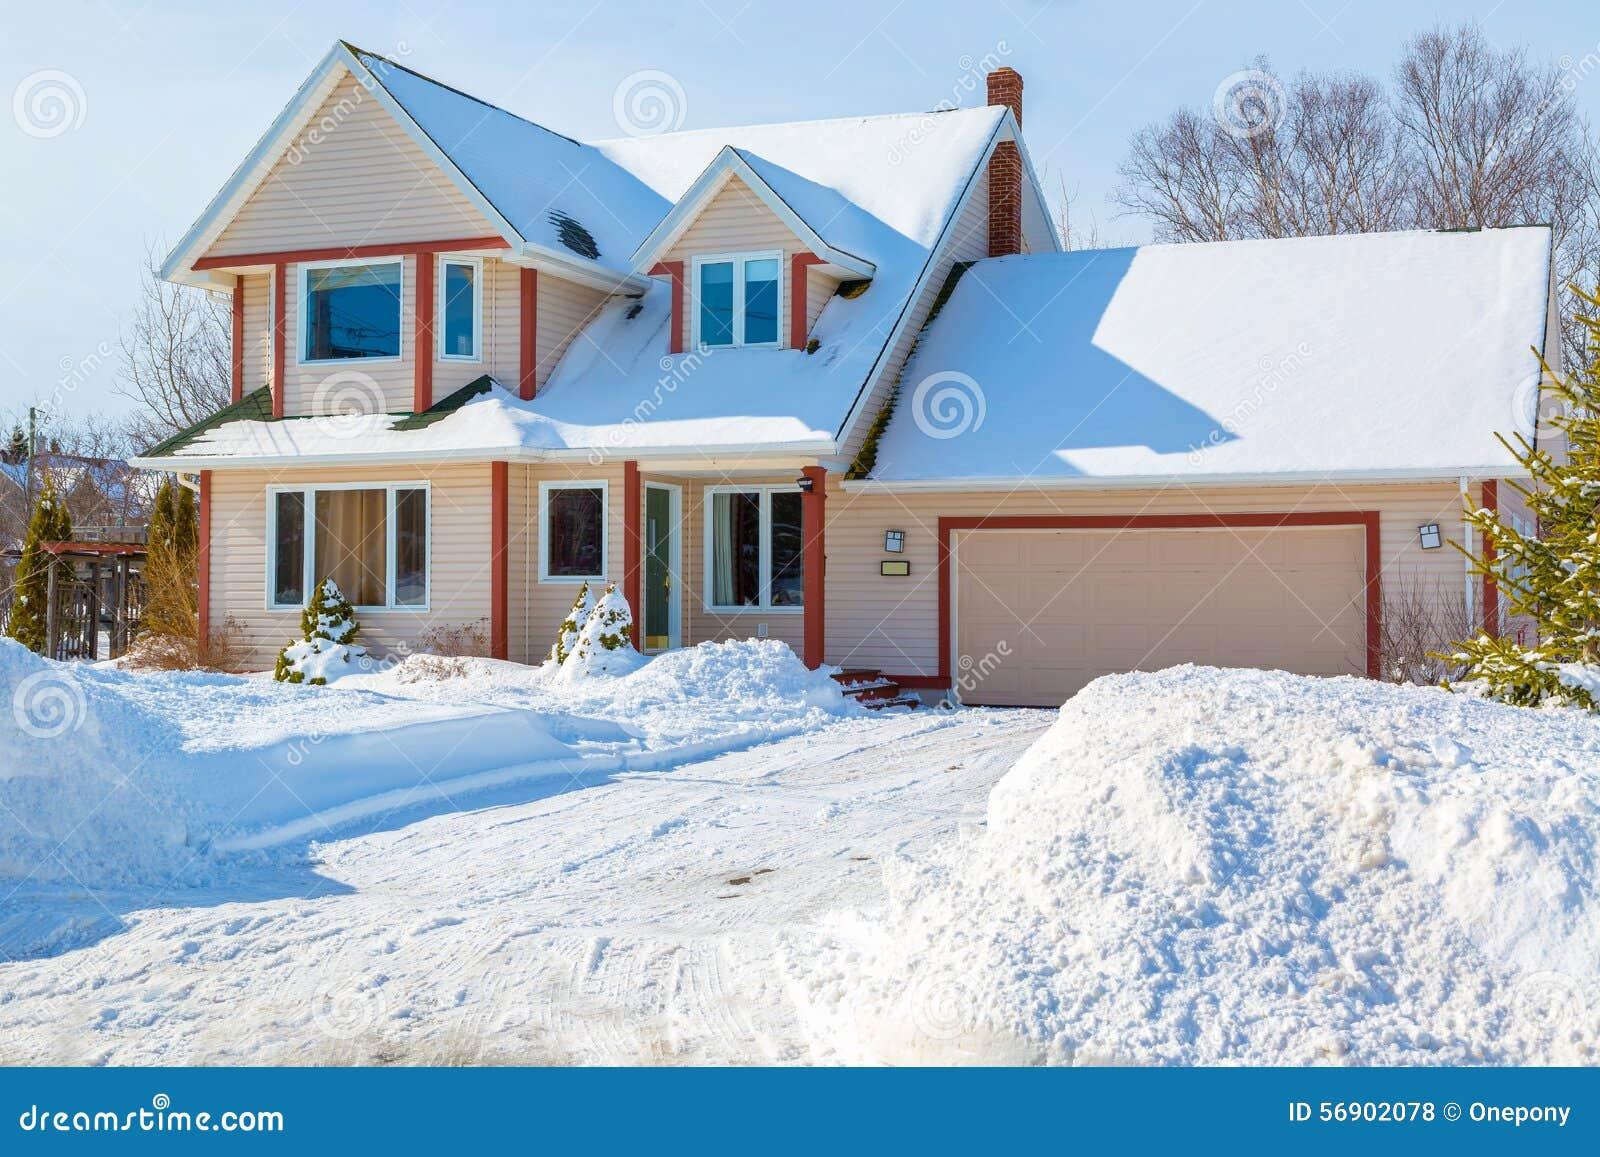 Maison d 39 hiver photo stock image 56902078 - Temperature maison hiver ...